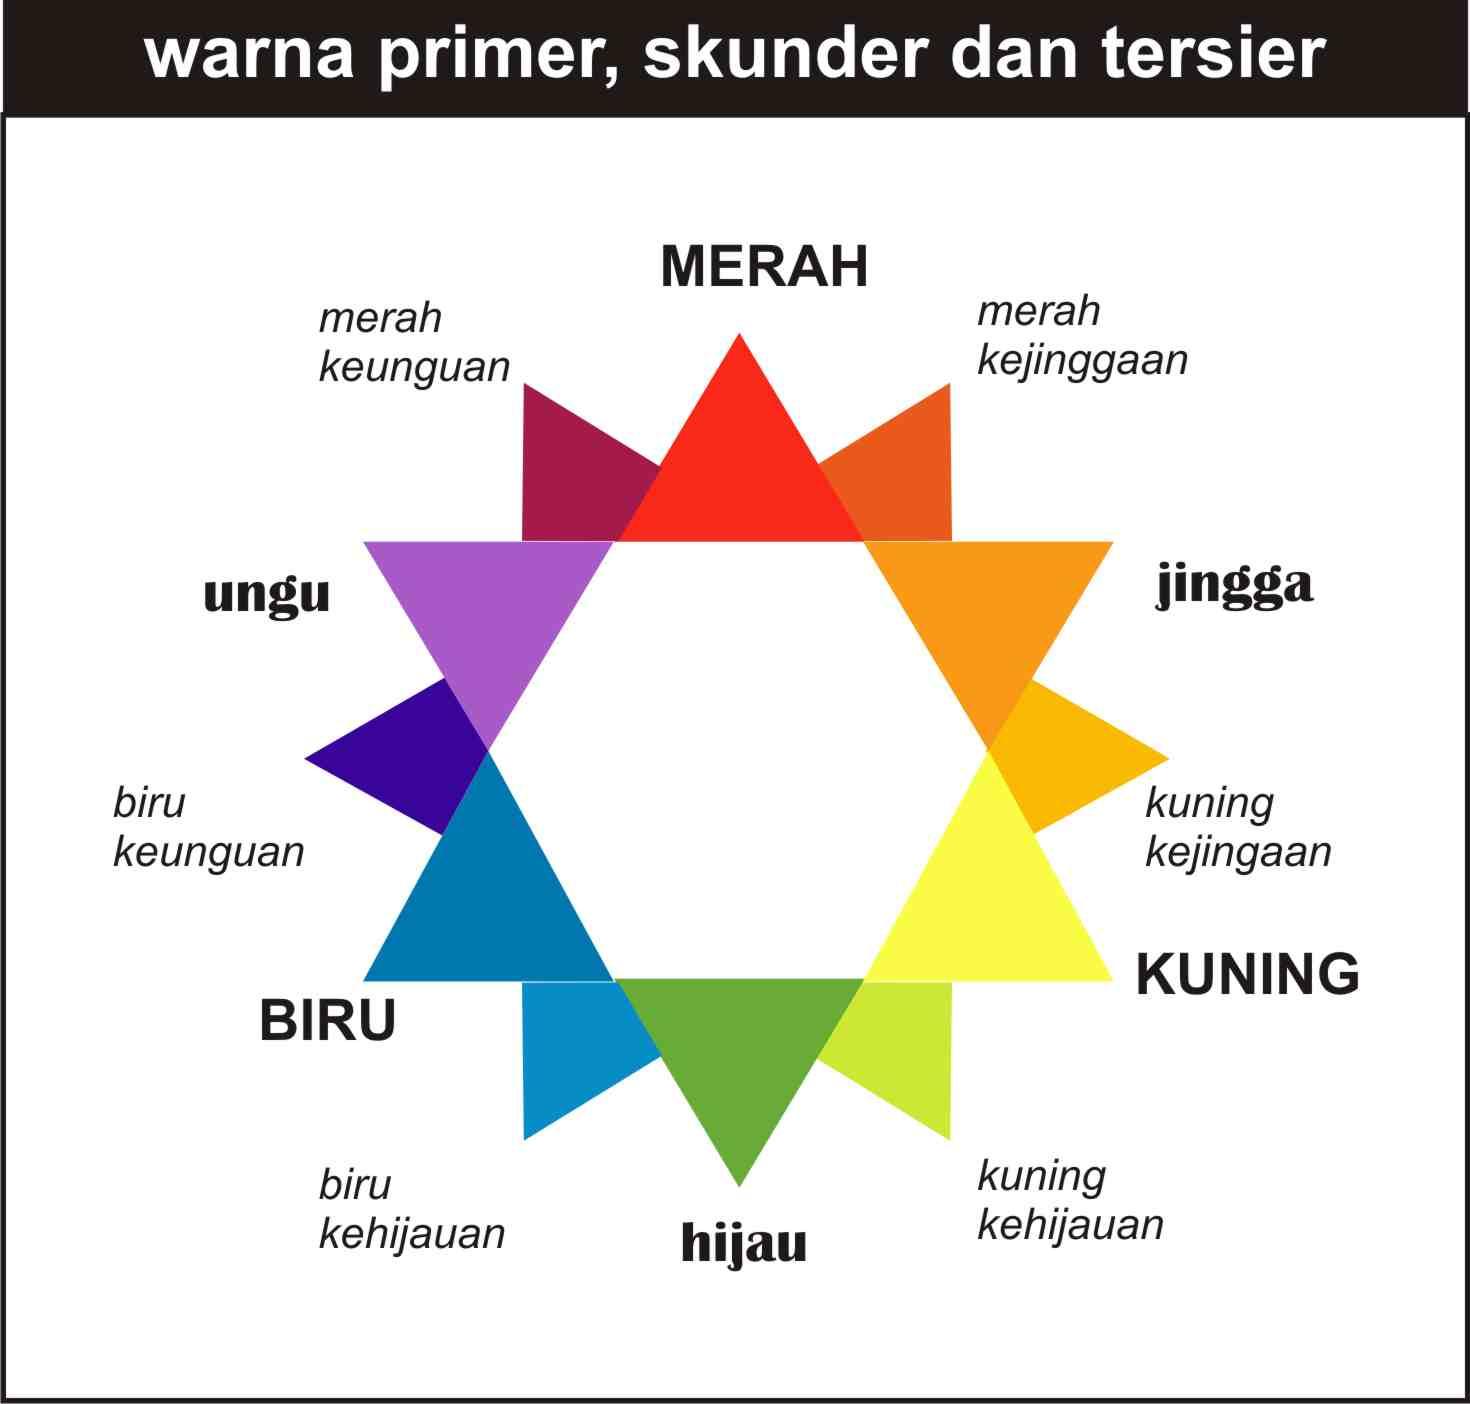 Faika Dewi